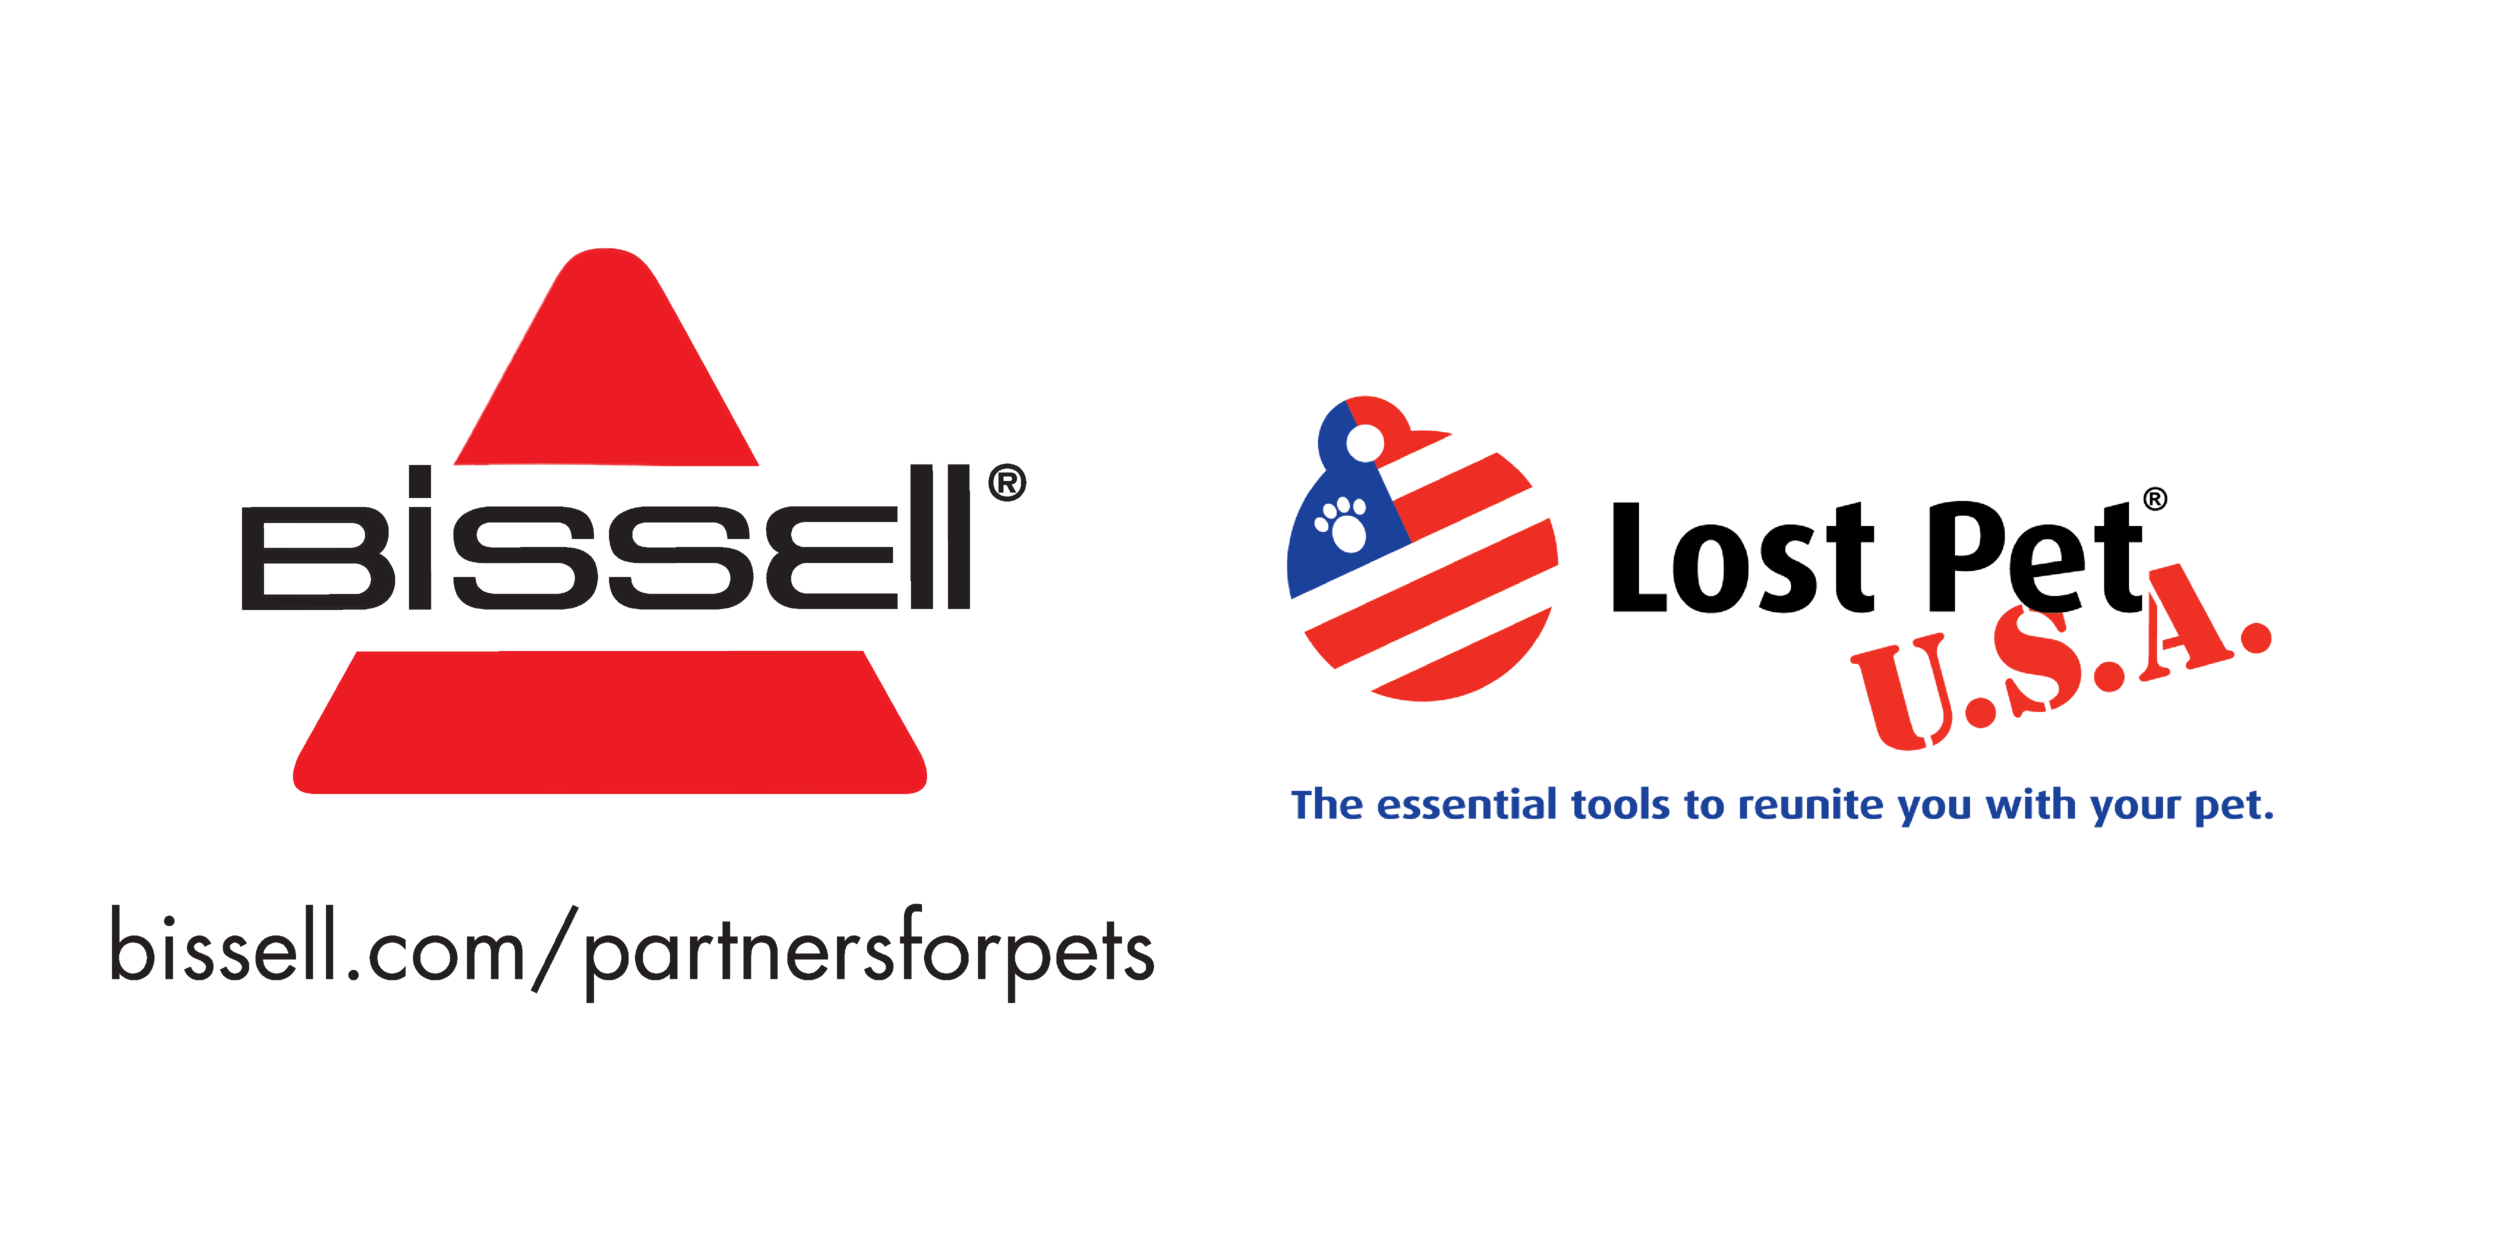 P4P logos.png